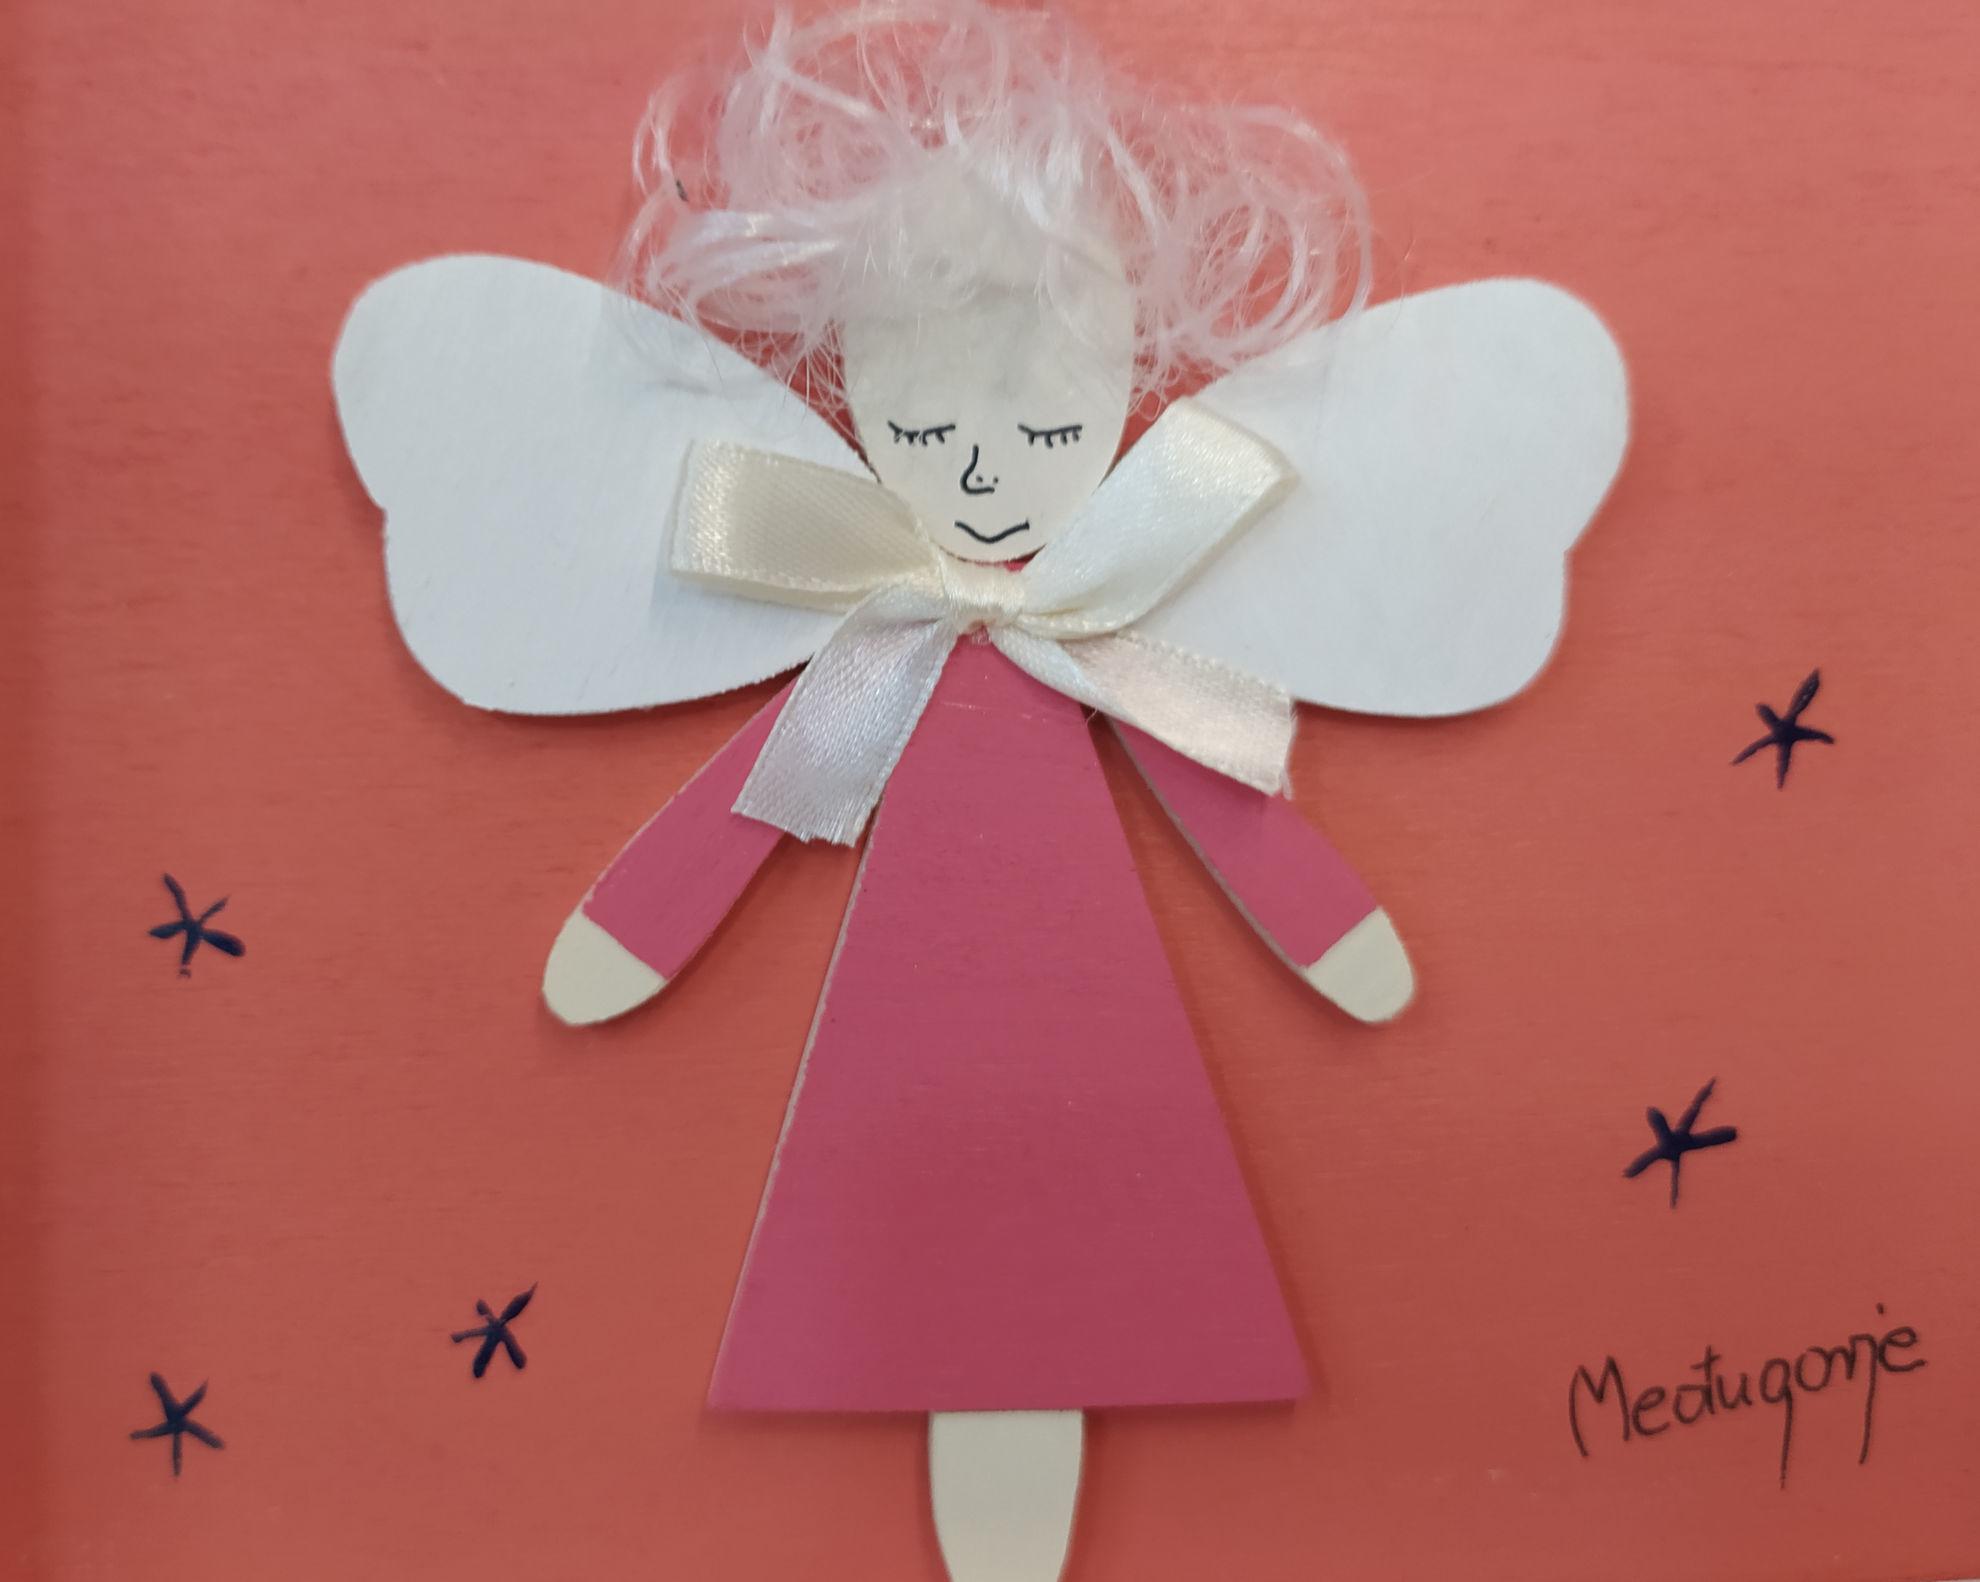 Slika Anđele čuvaru mili molitva na drvetu - Njemački